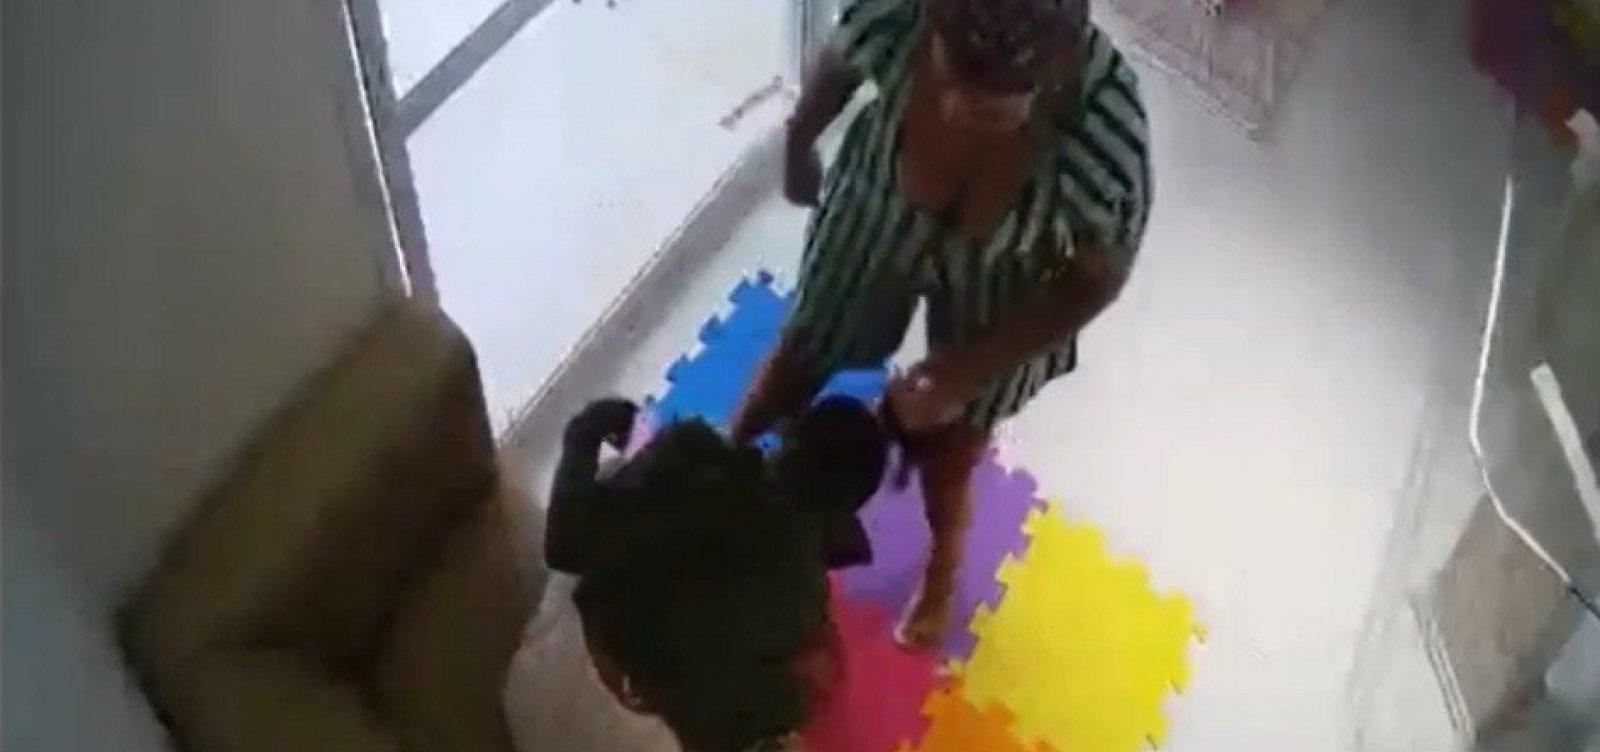 Investigada por agredir babá deve cumprir série de ordens sob pena de R$ 300 mil, determina Justiça do Trabalho